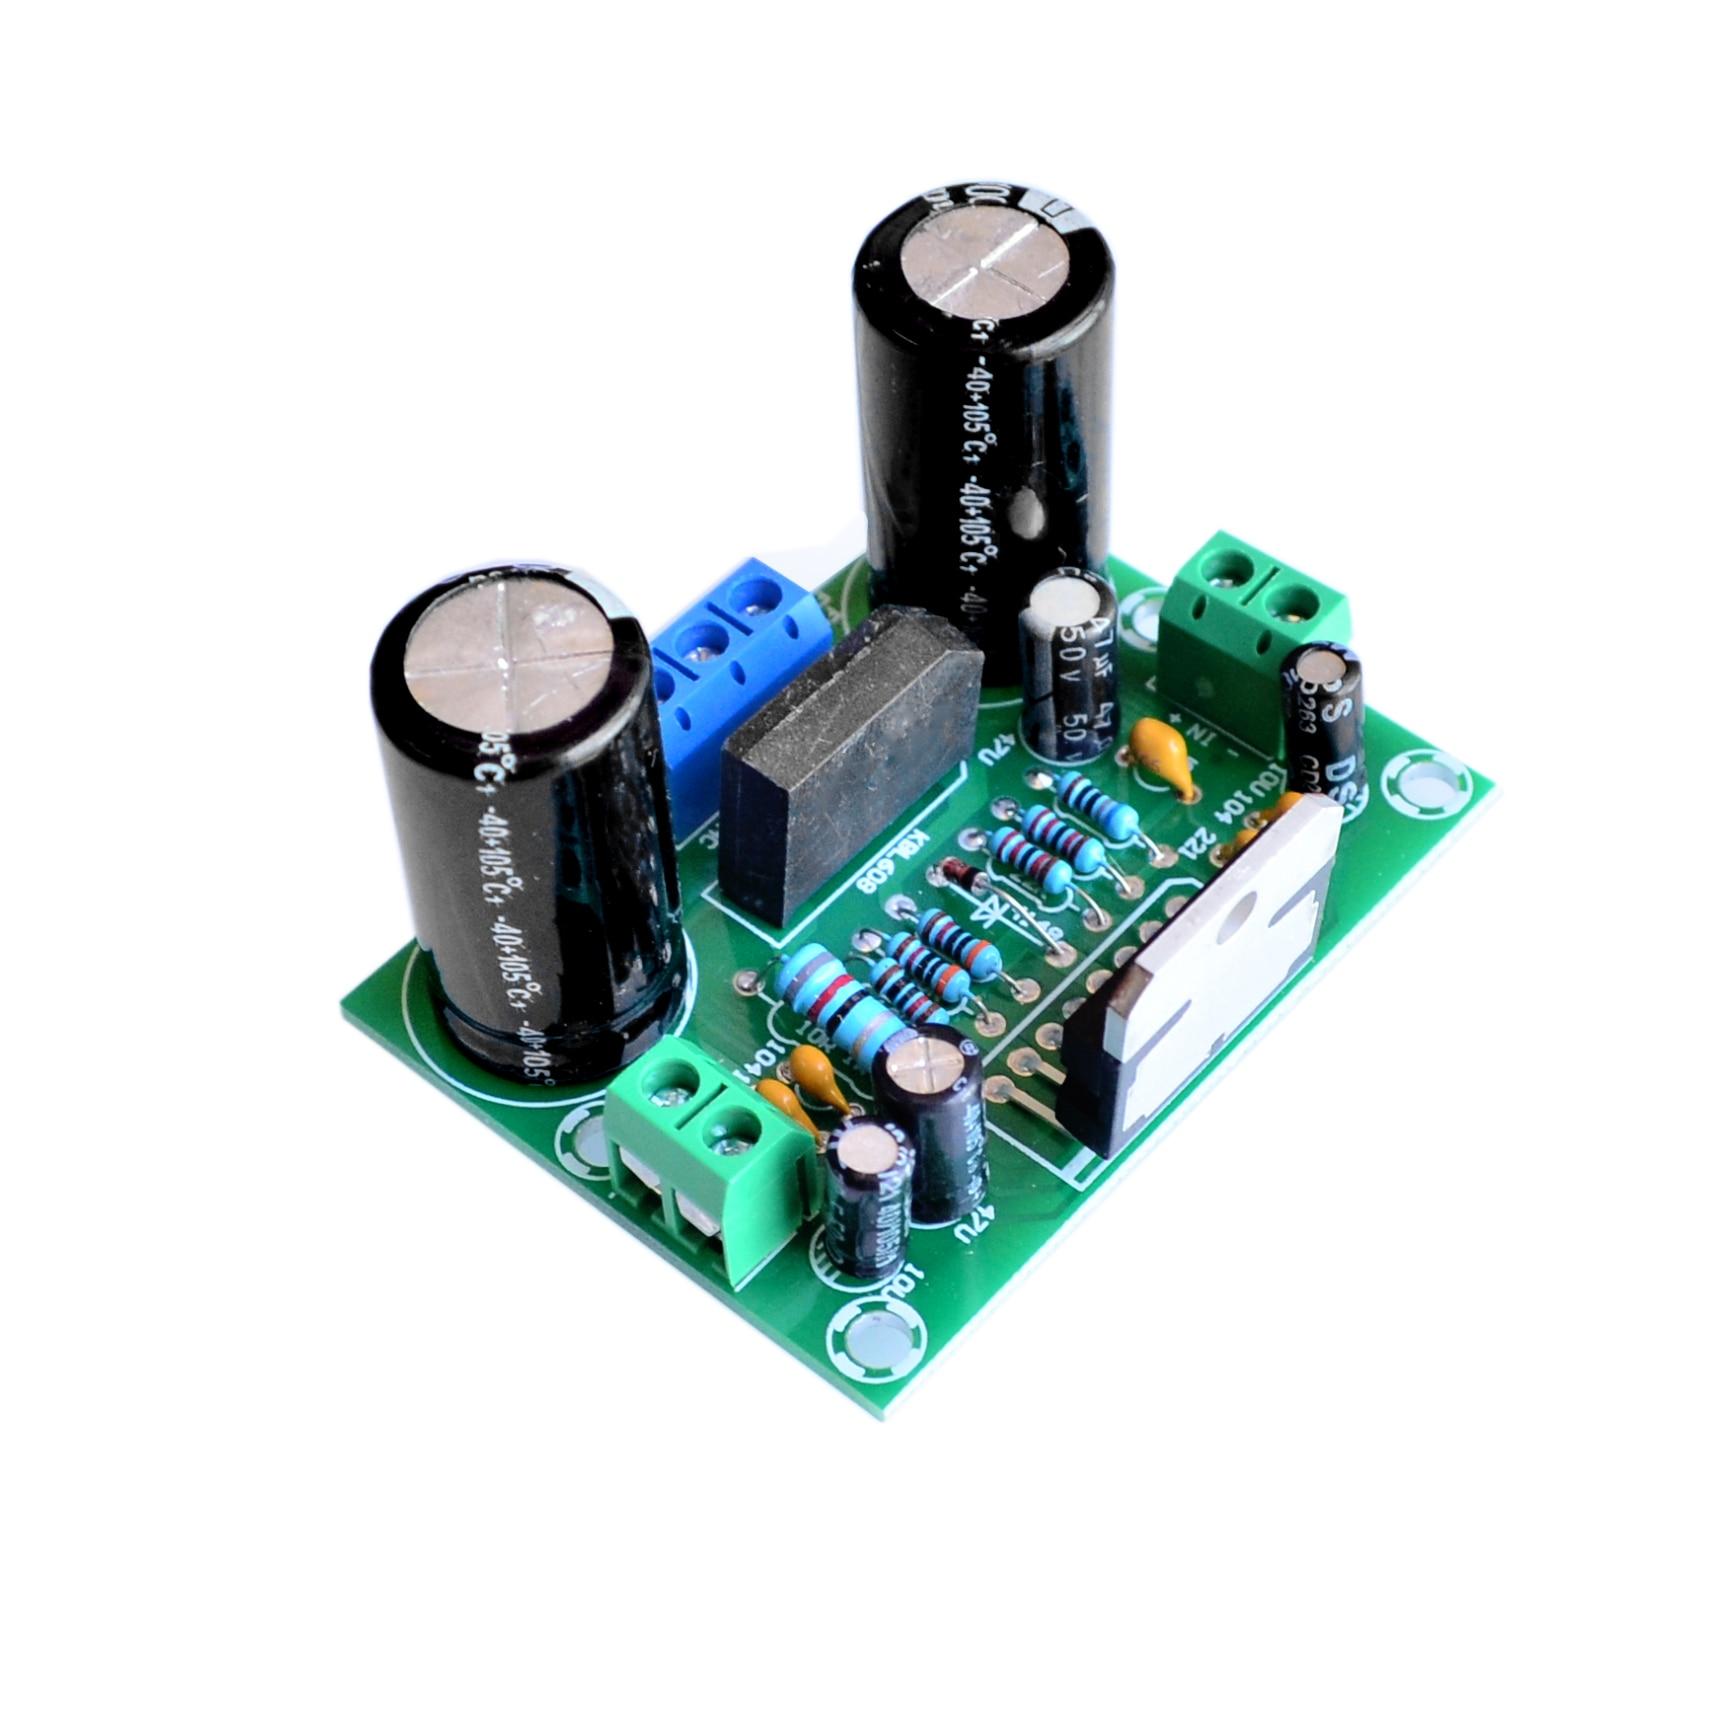 Funkadapter Tda7293 Digital Audio Verstärker Mono Einkanal Amp Bord Ac 12 V-32 V 100 Watt Tragbares Audio & Video